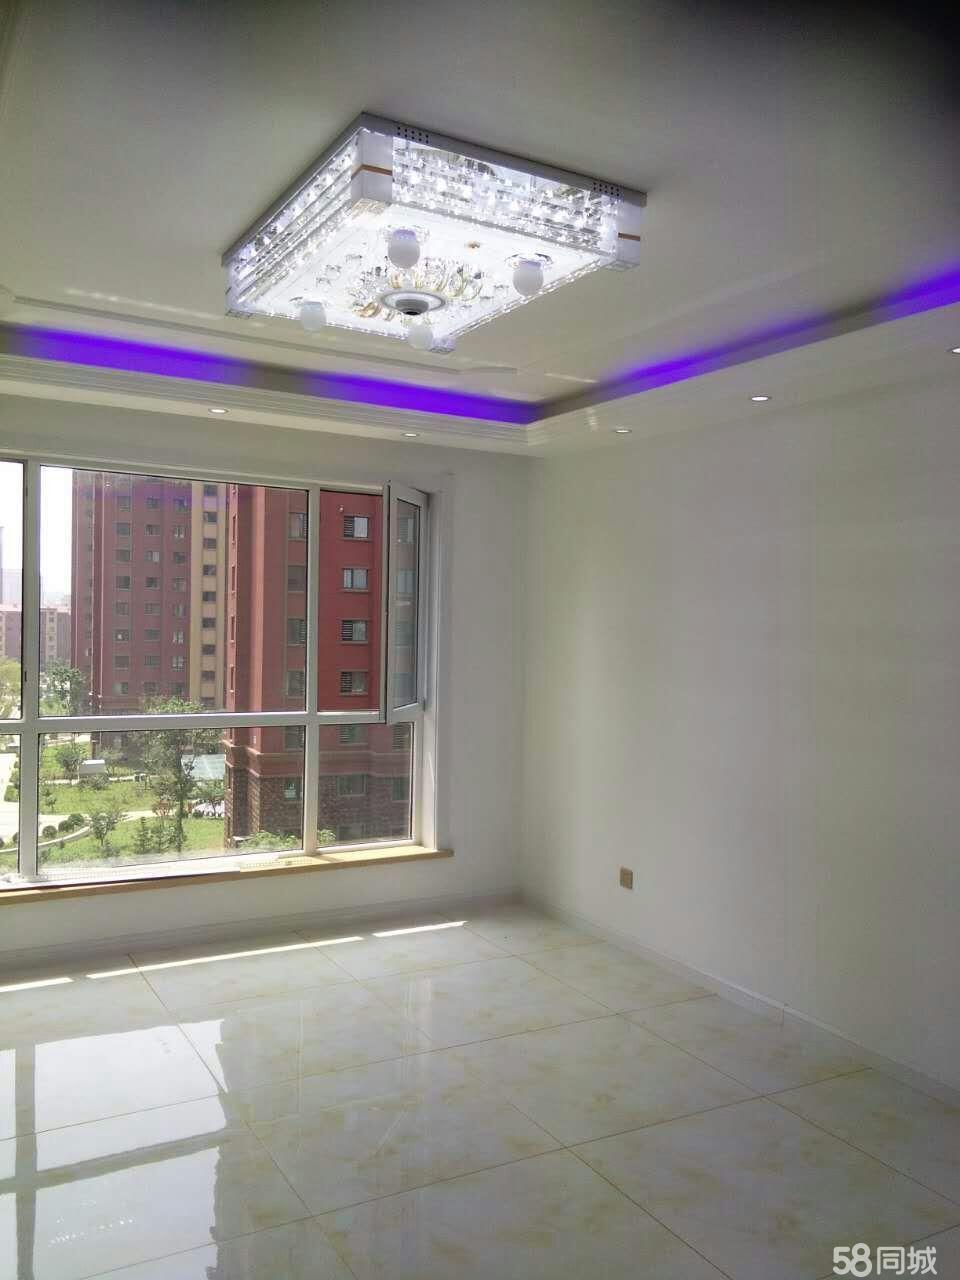 可更名金景家园2室2厅100平5层精装正向标户南北不能贷款